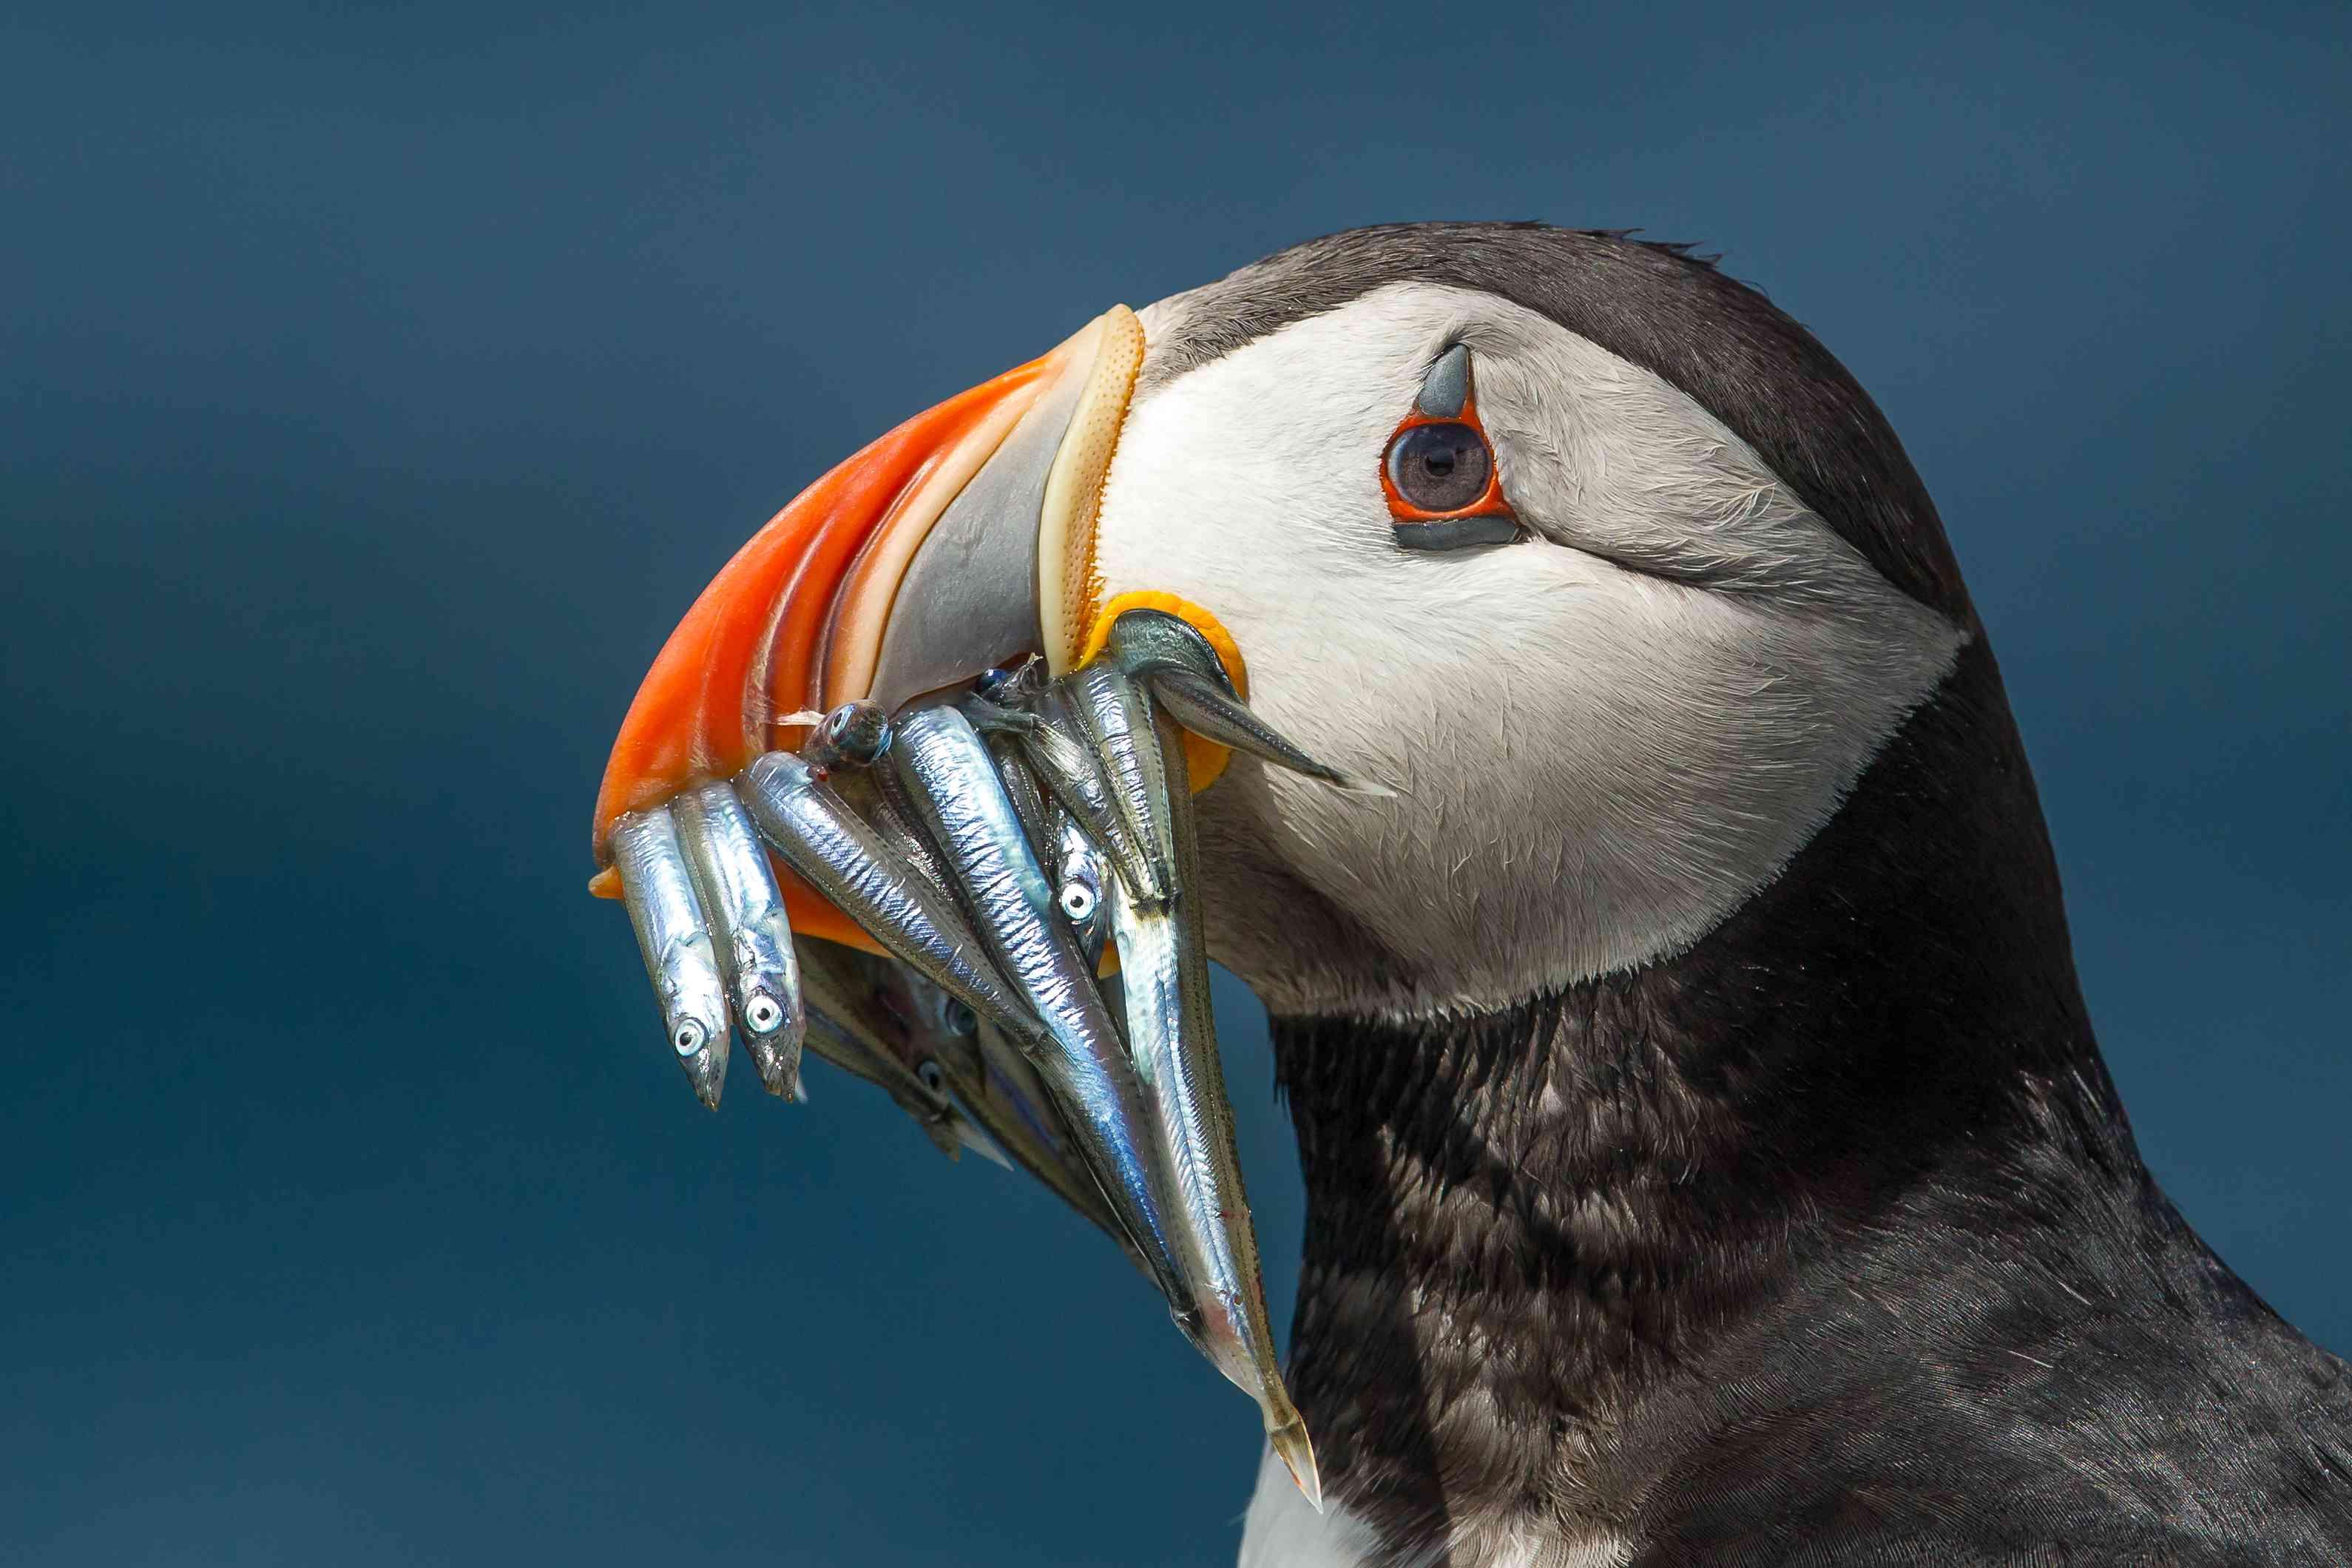 Puffin with a full beak, Farne Islands